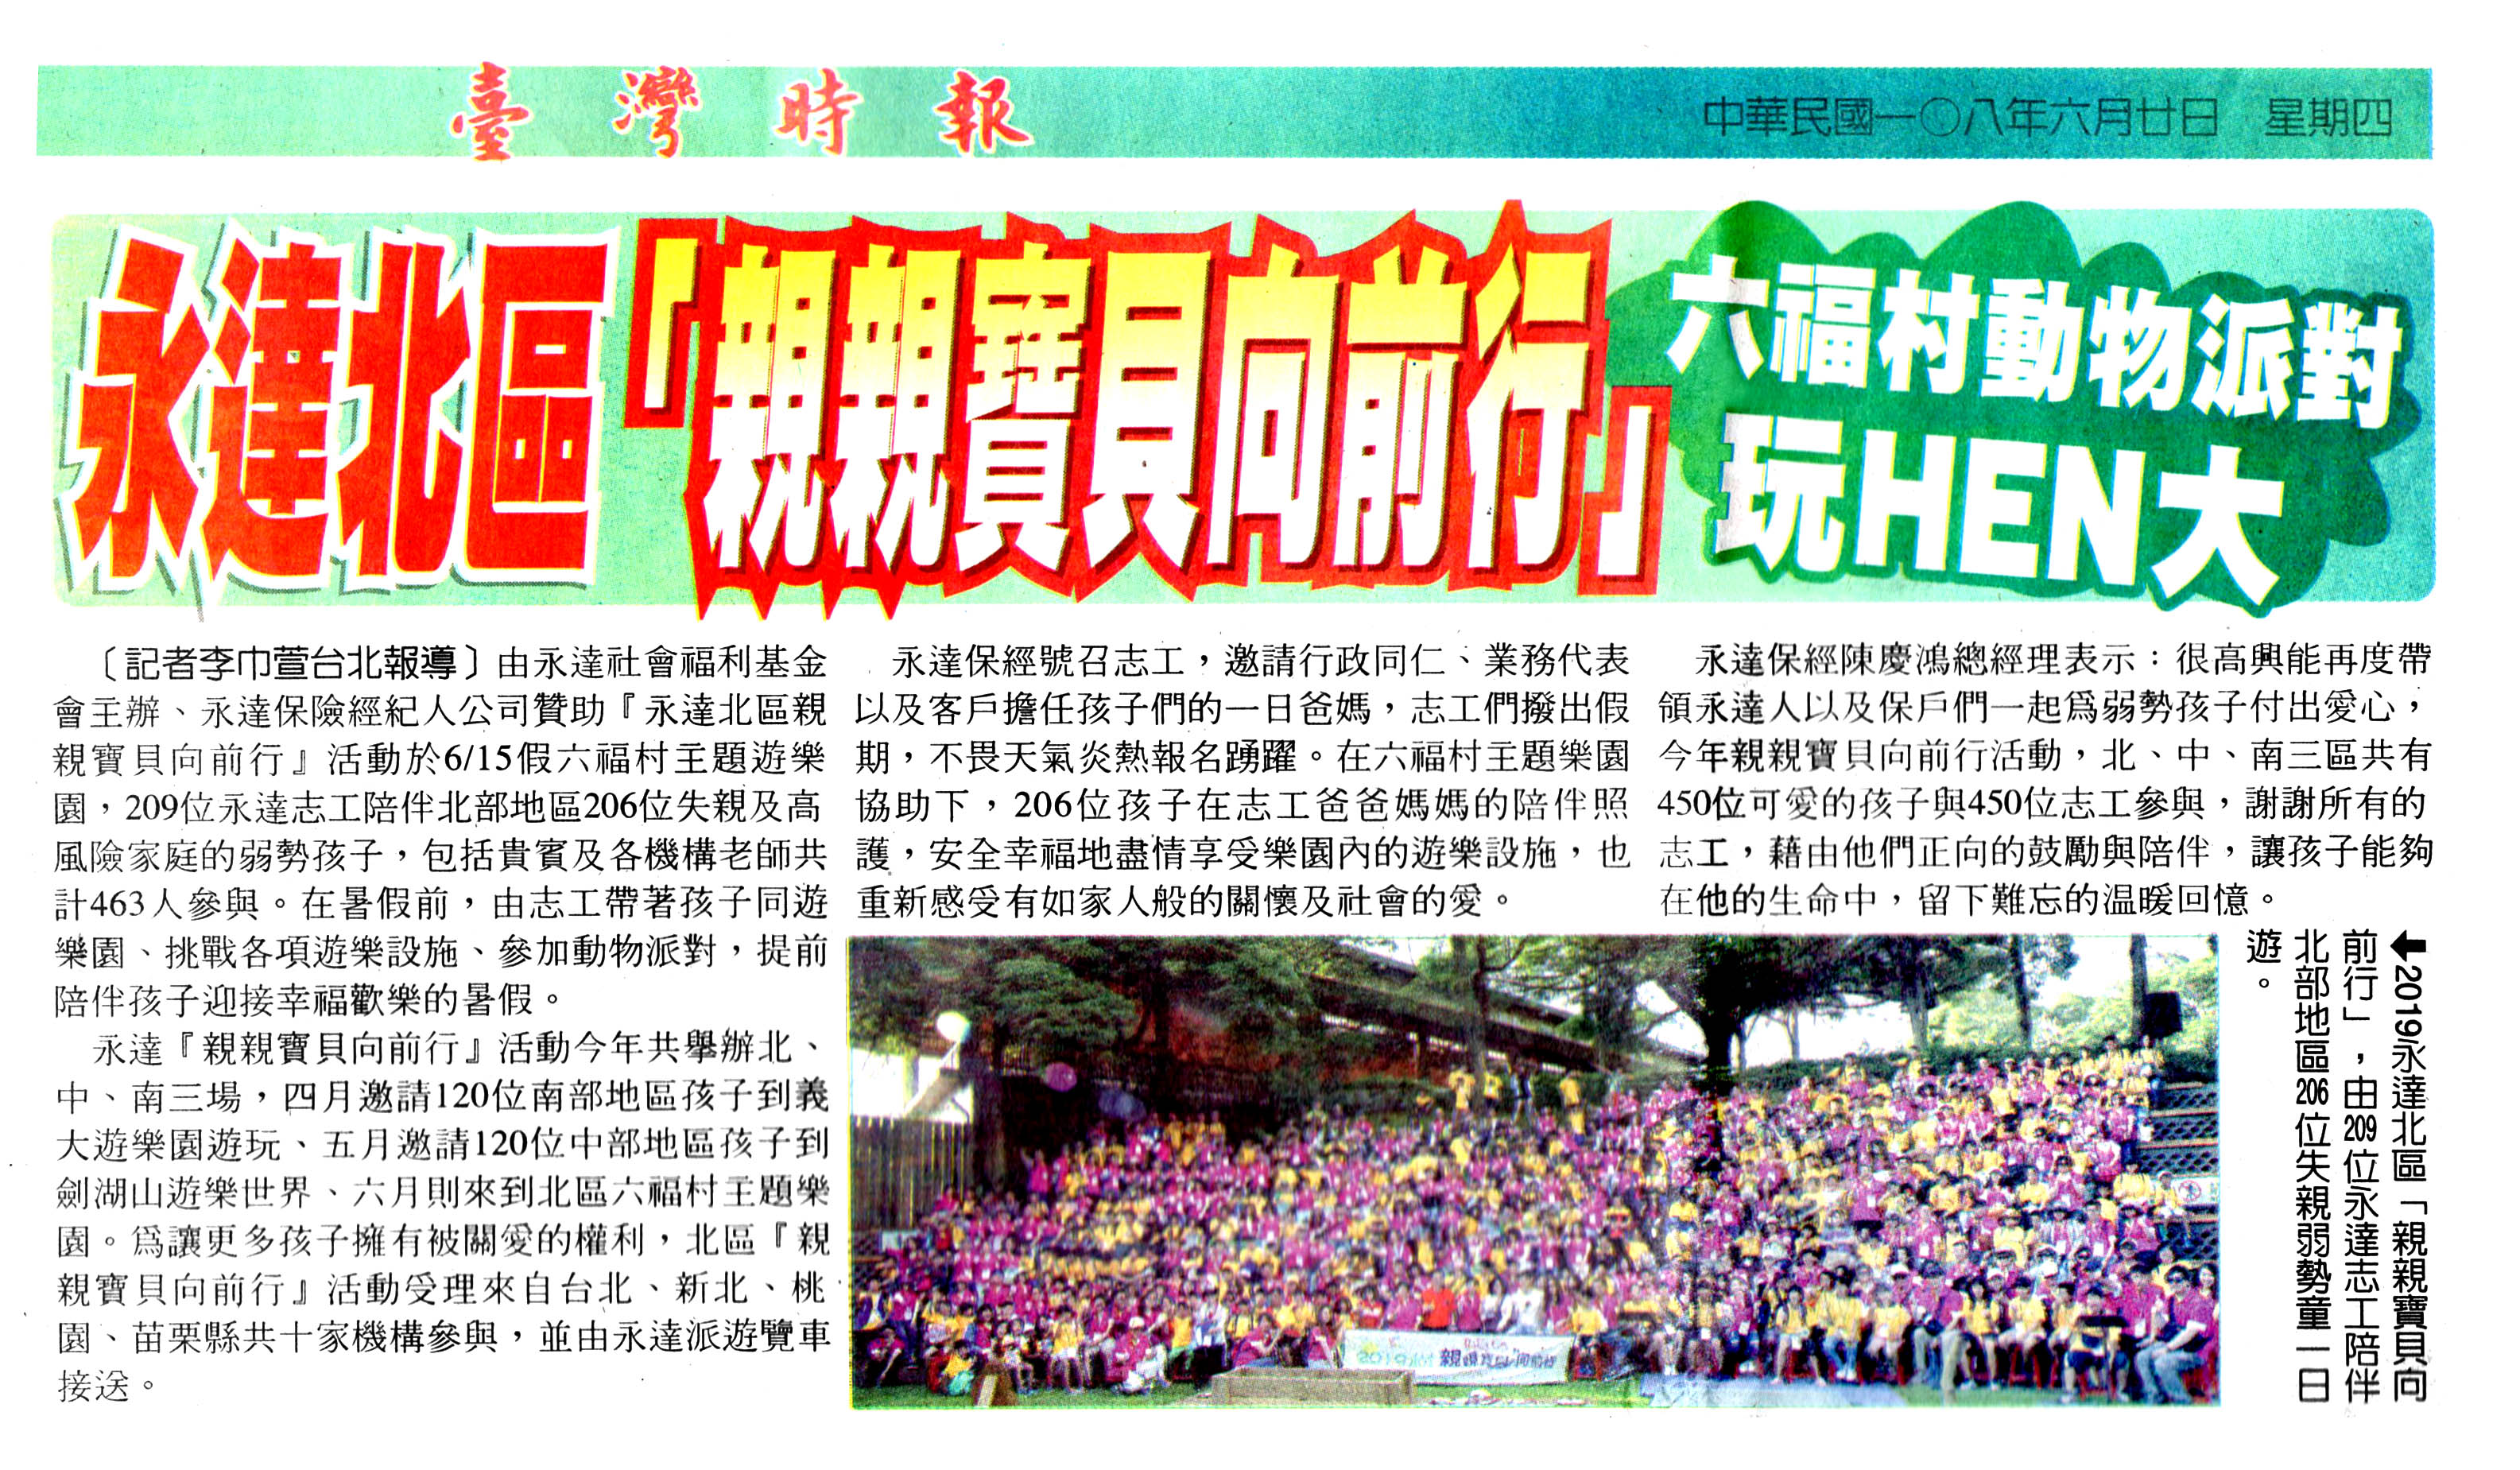 永達北區「親親寶貝向前行」六福村動物派對玩HEN大報導圖檔